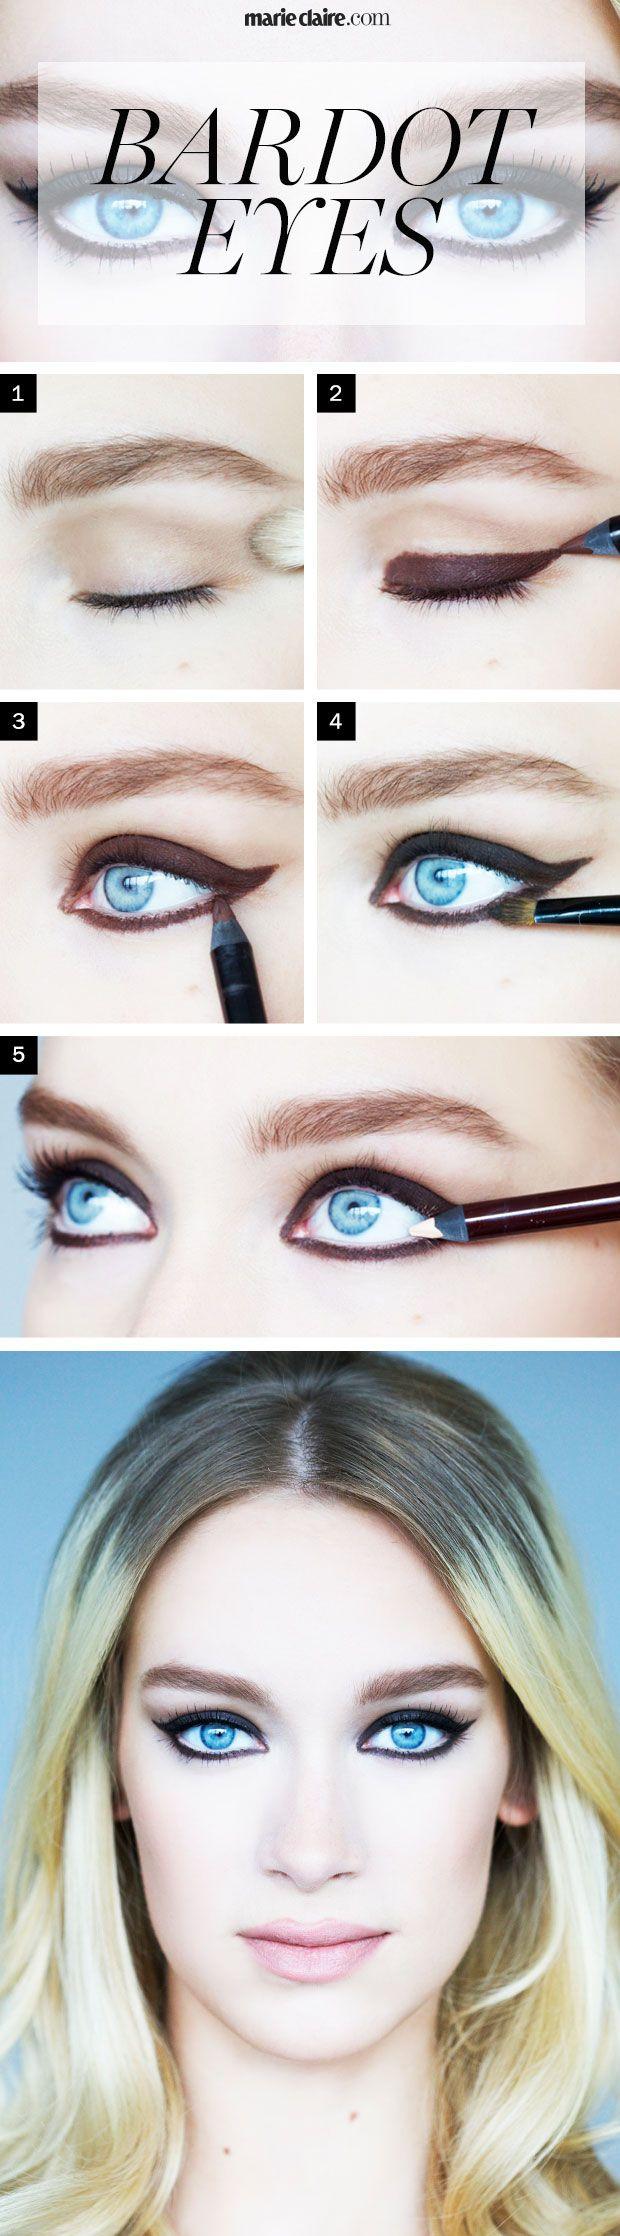 best 25 bedroom eyes ideas on y smokey eye pink bedroom eyes makeup tips